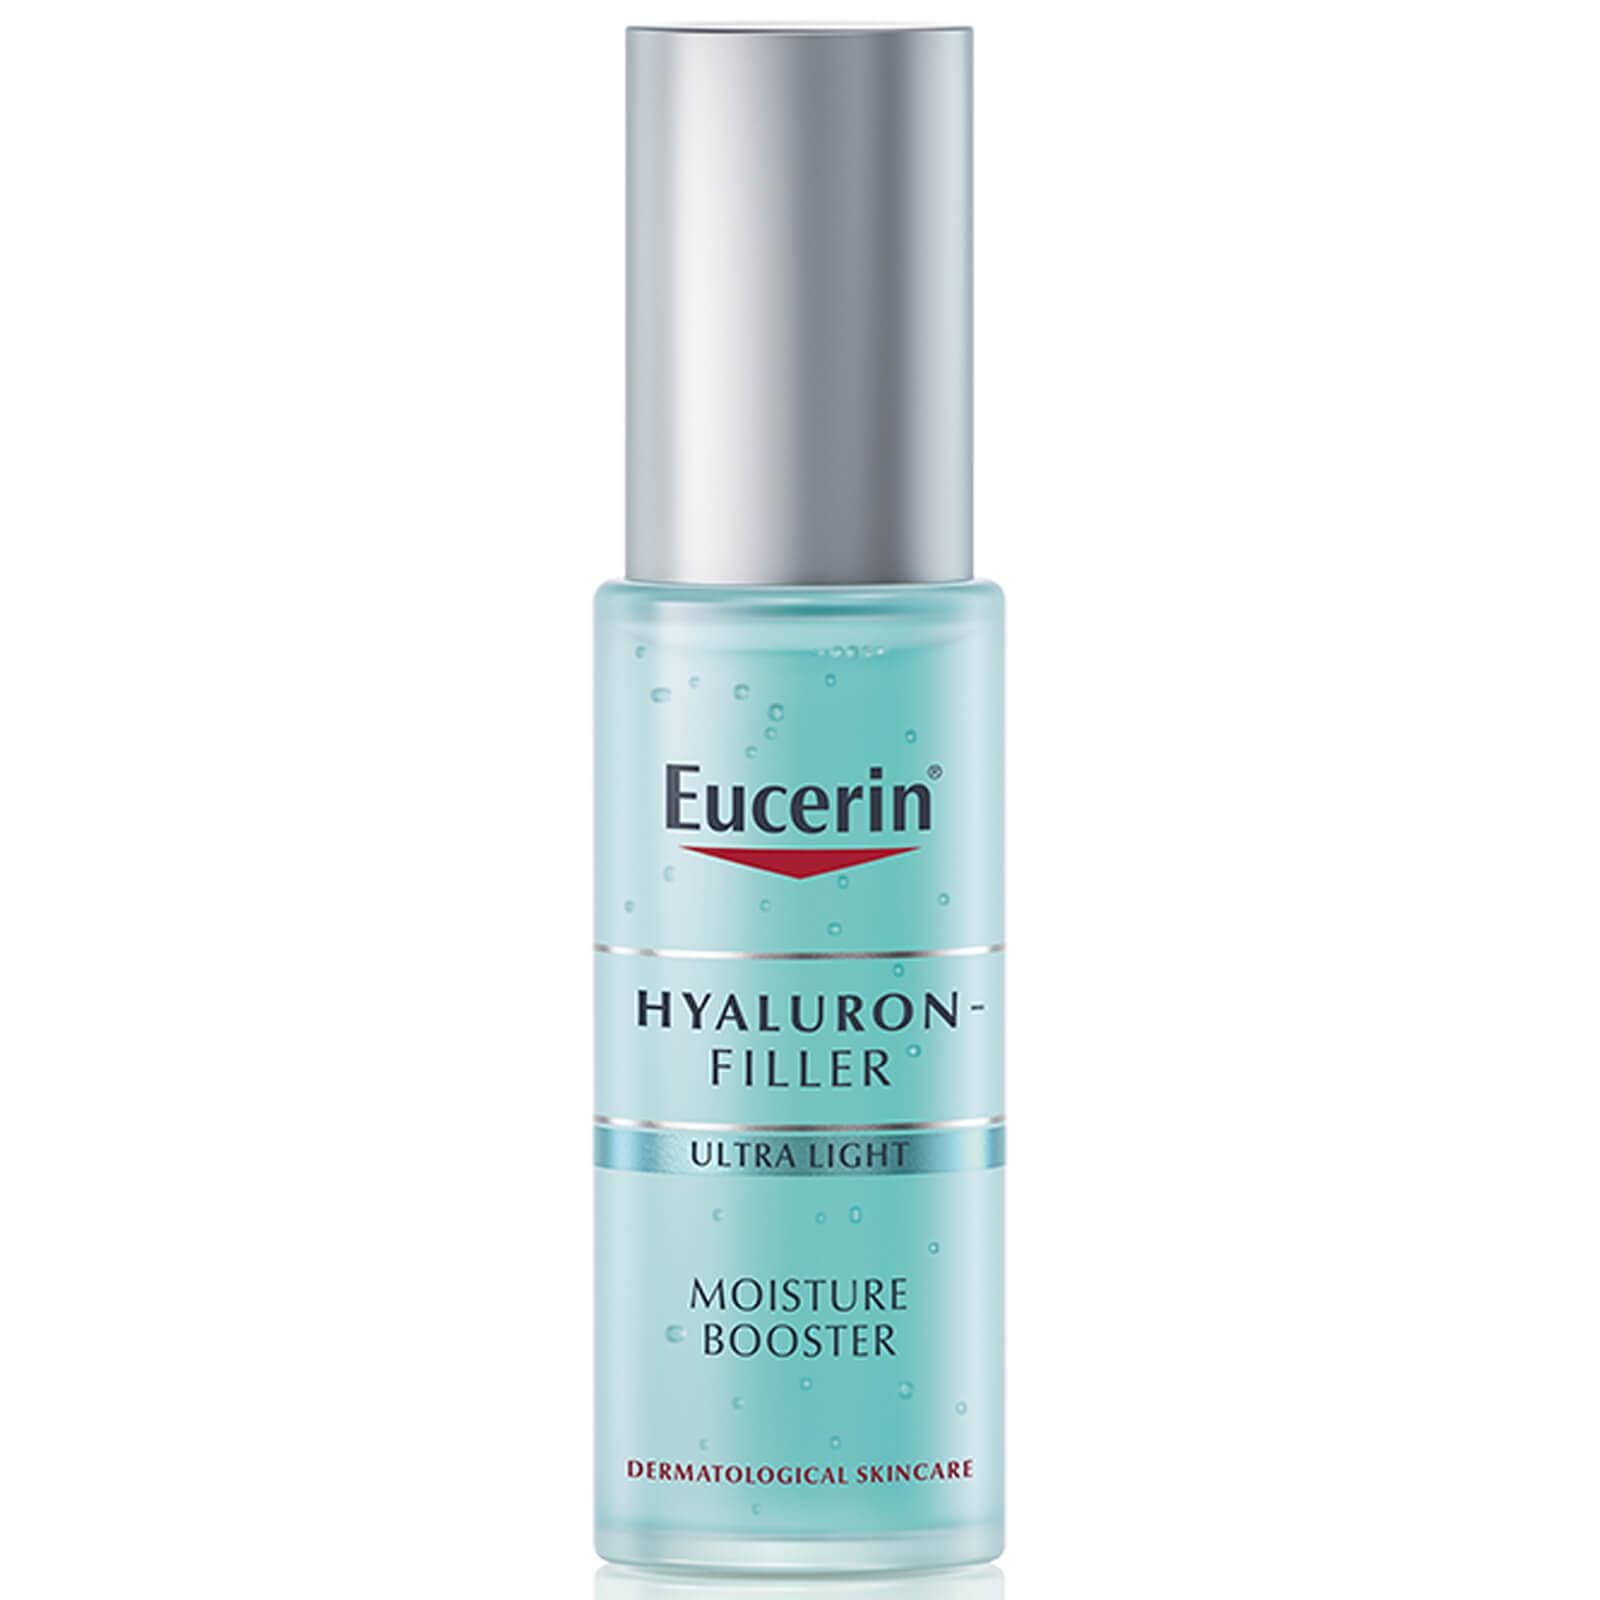 Eucerin Hyaluron-Filler Ultra Light Refreshing Moisture Booster